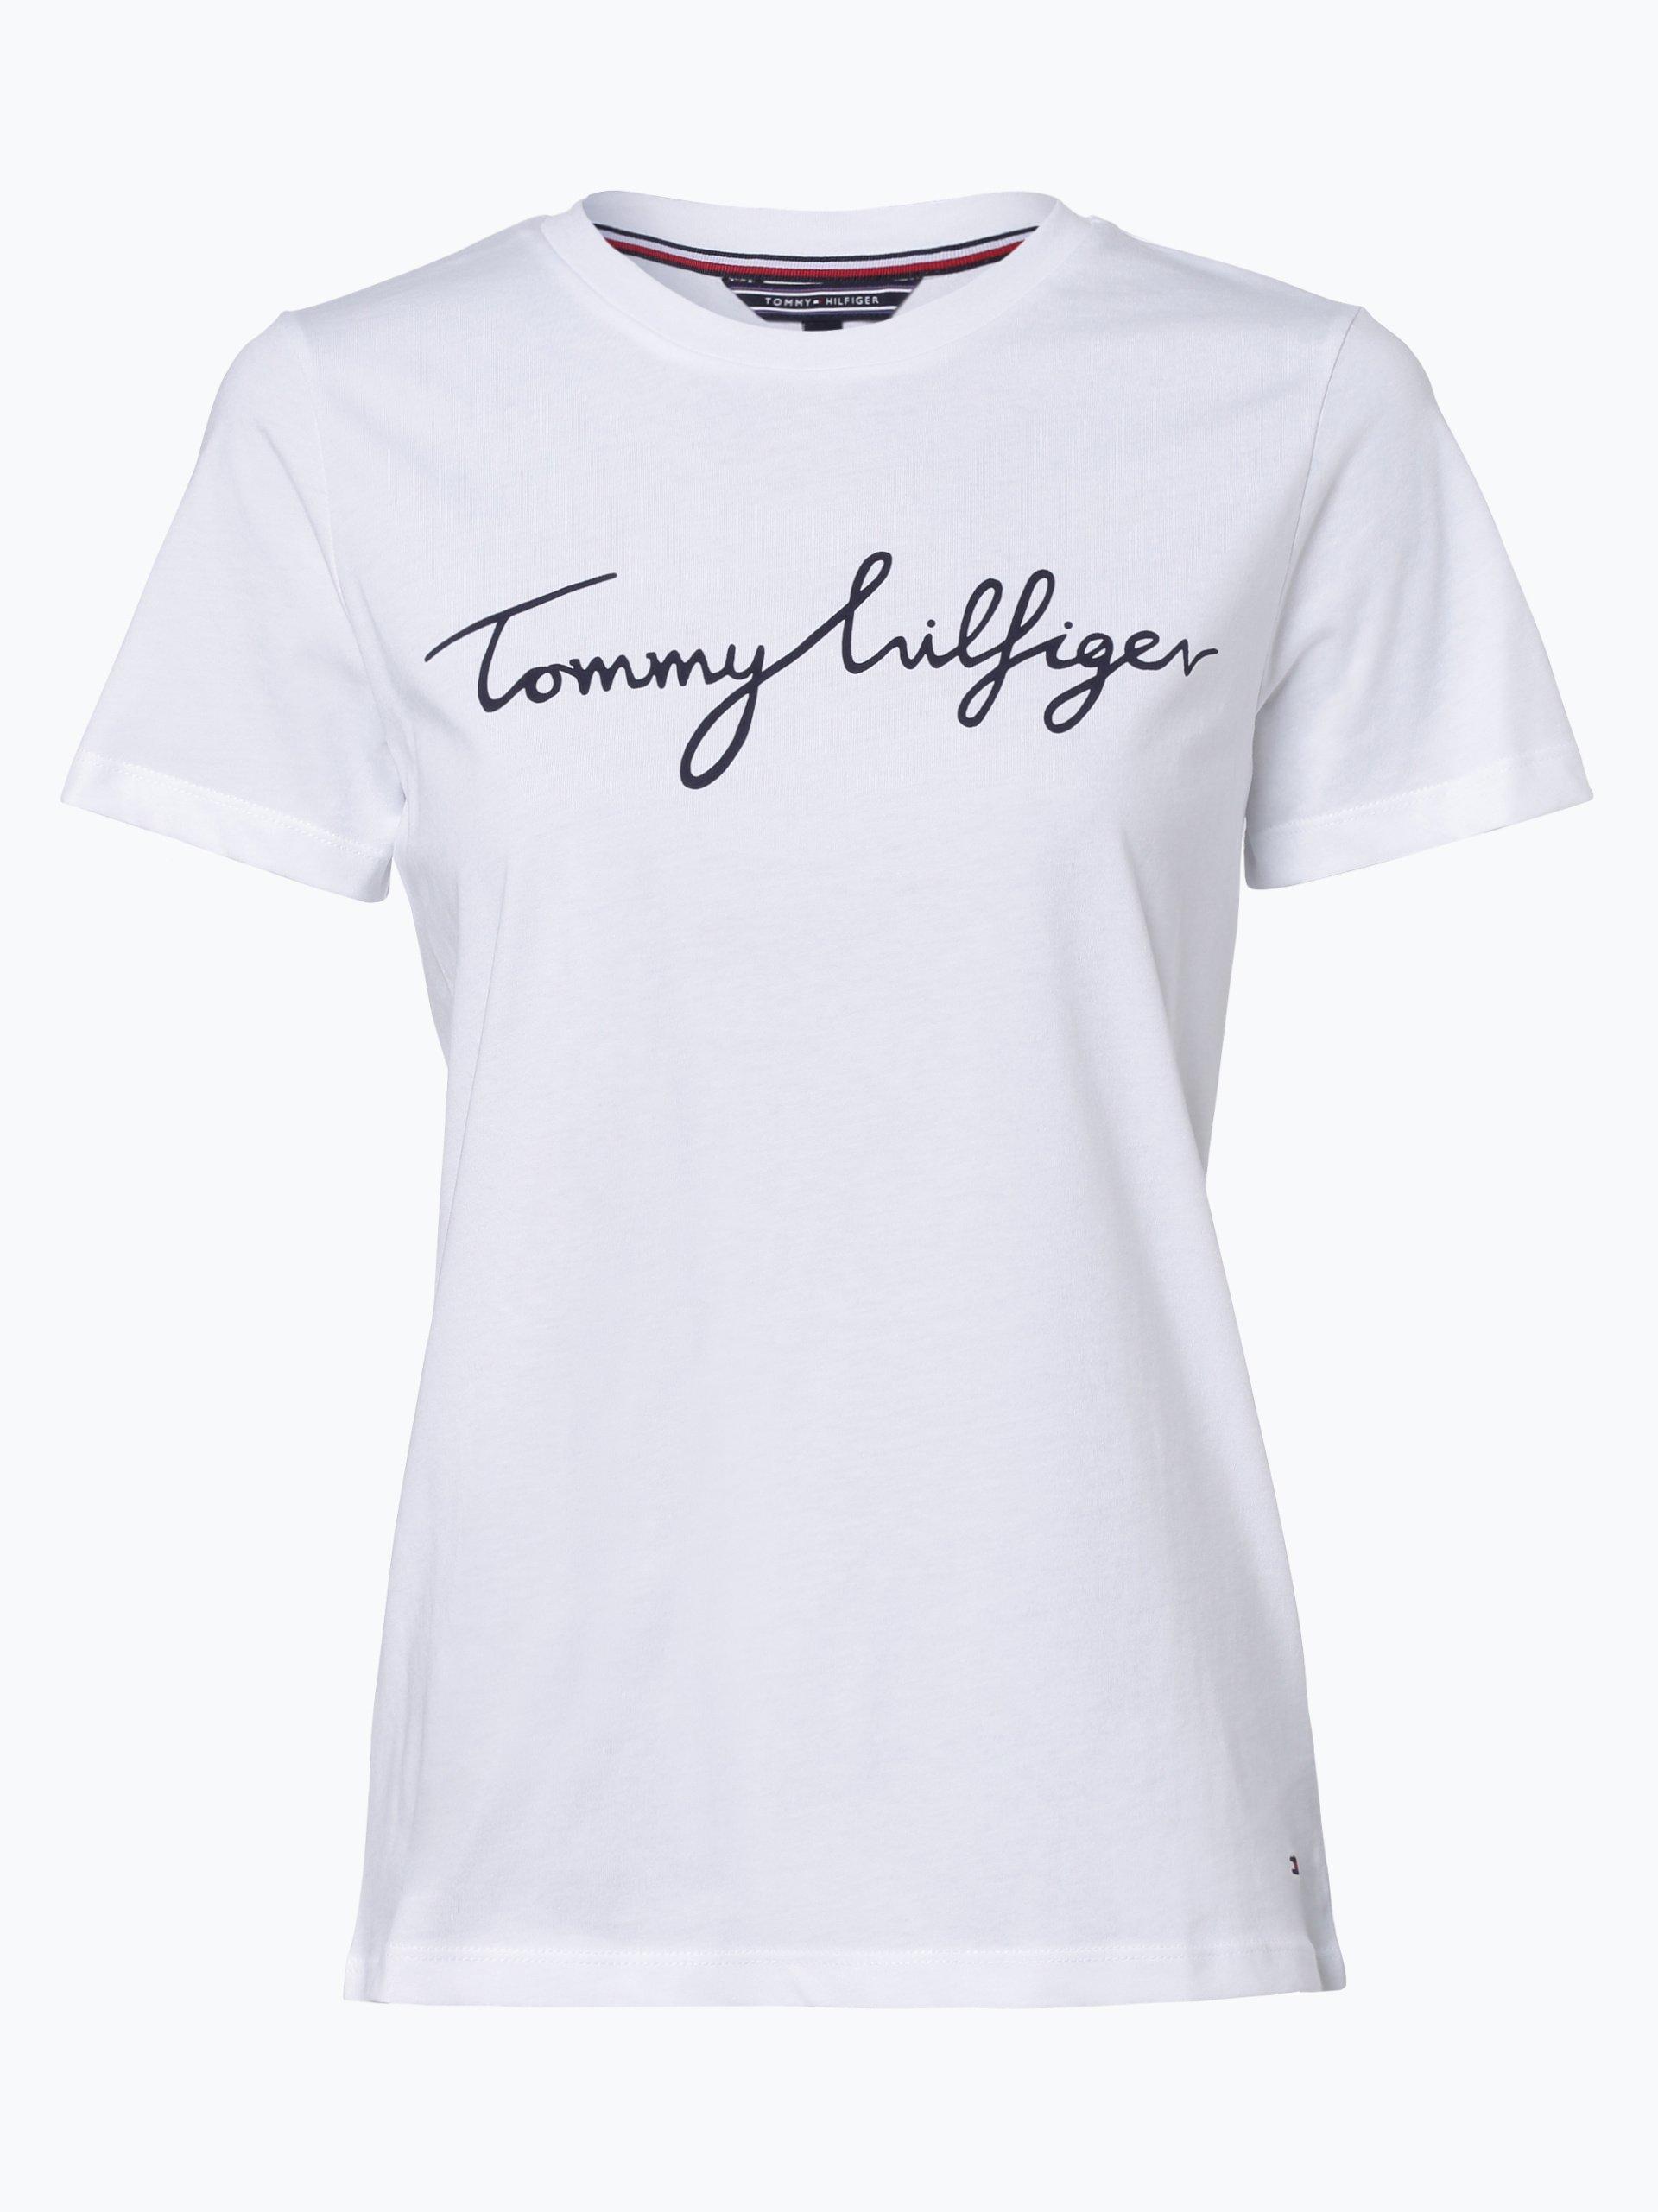 tommy hilfiger damen t shirt wei uni online kaufen vangraaf com. Black Bedroom Furniture Sets. Home Design Ideas